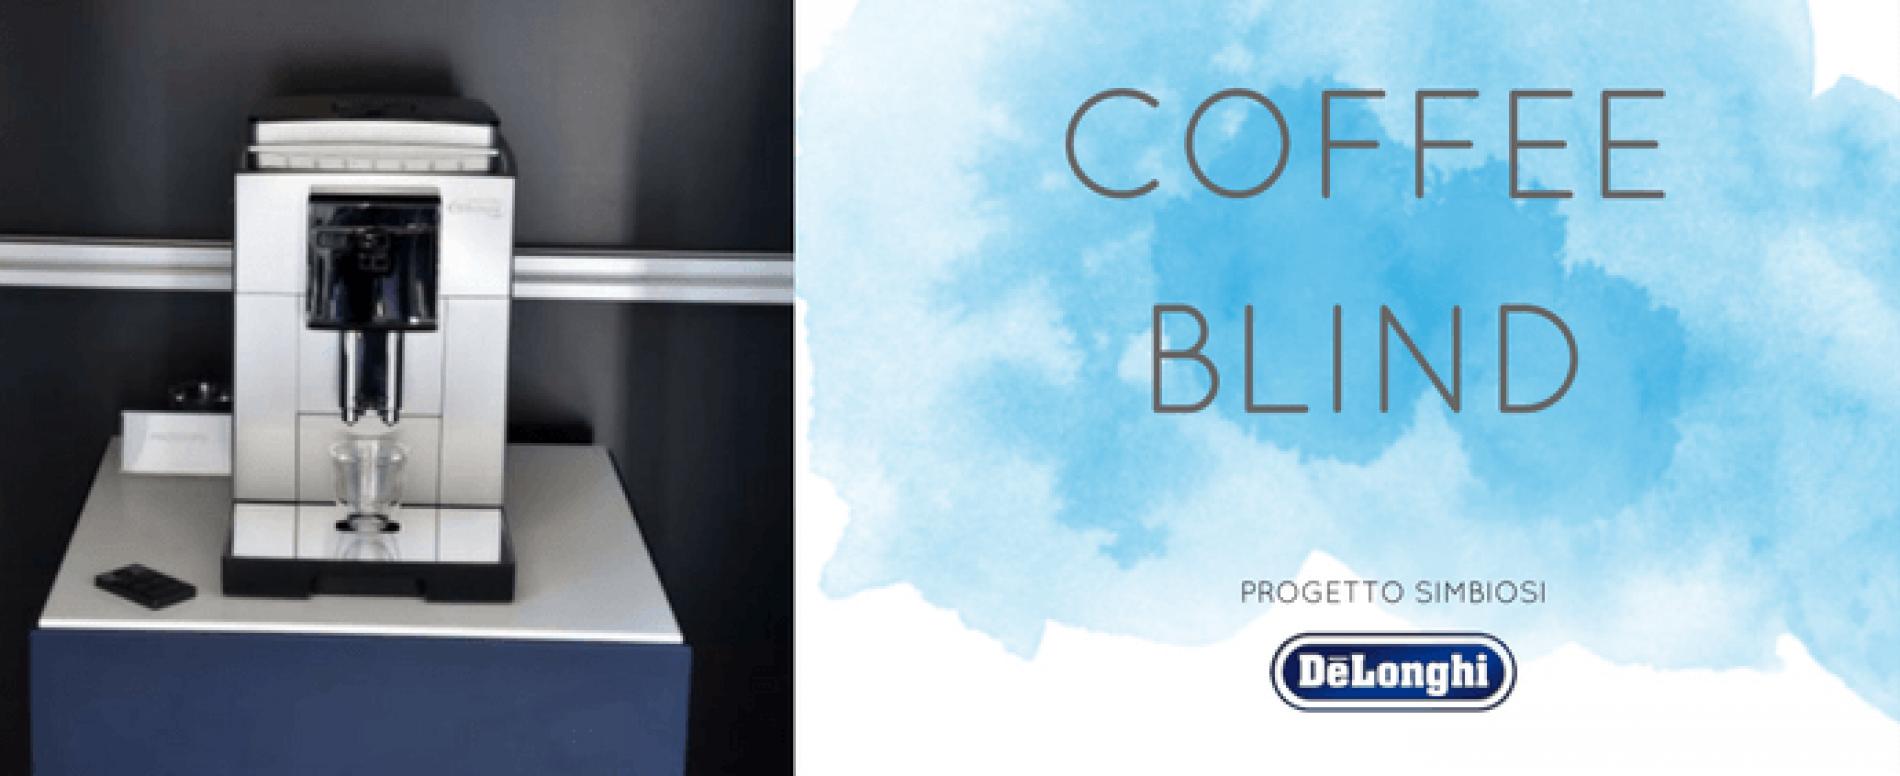 Coffee Blind: espresso semplice anche per i non vedenti